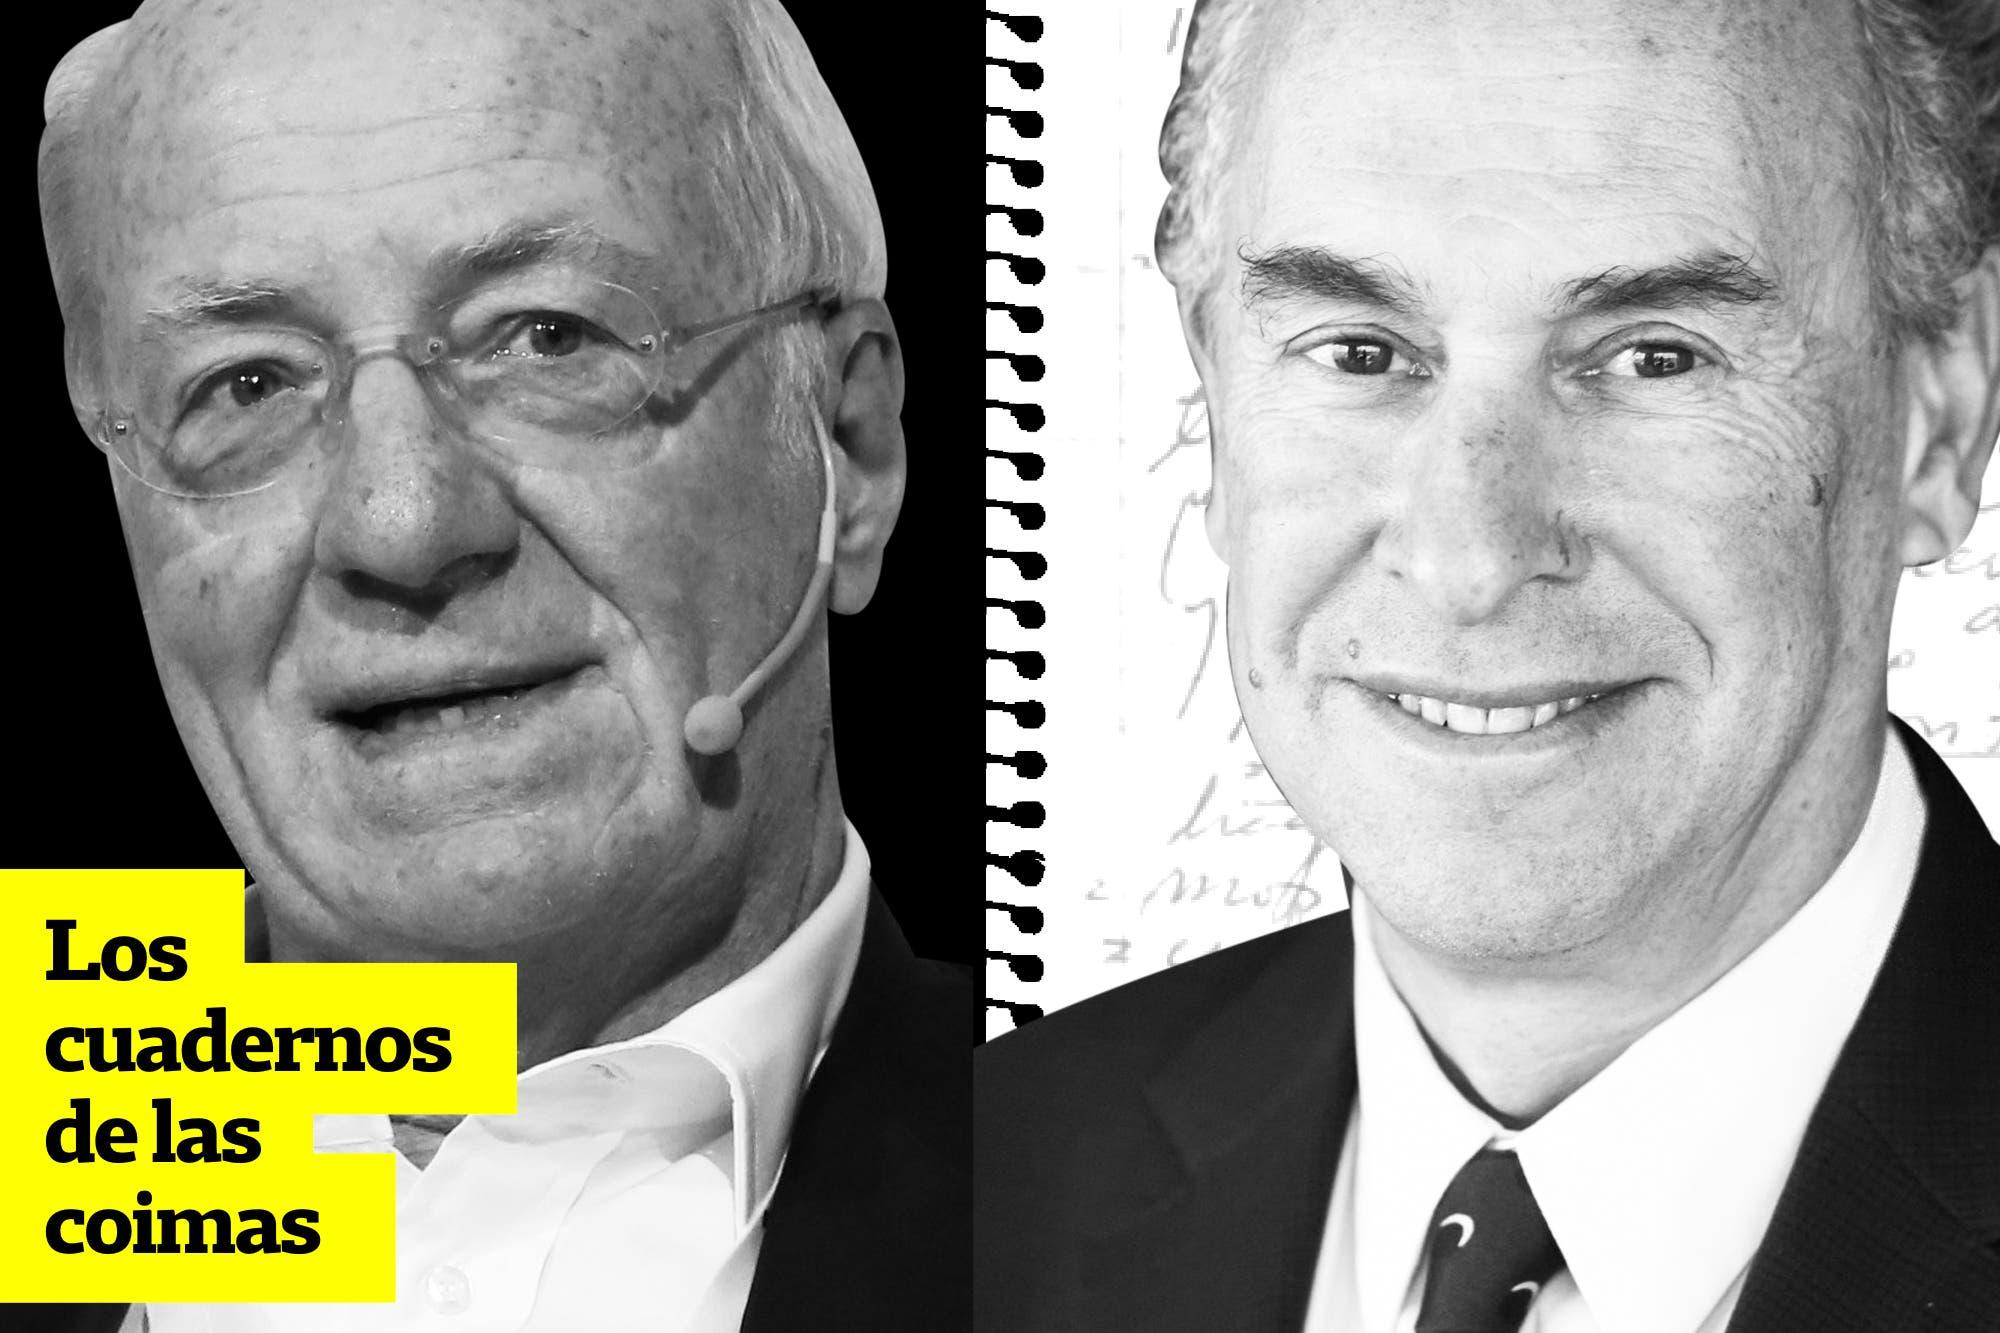 Citan a Paolo Rocca y a Marcelo Mindlin por la causa de los cuadernos